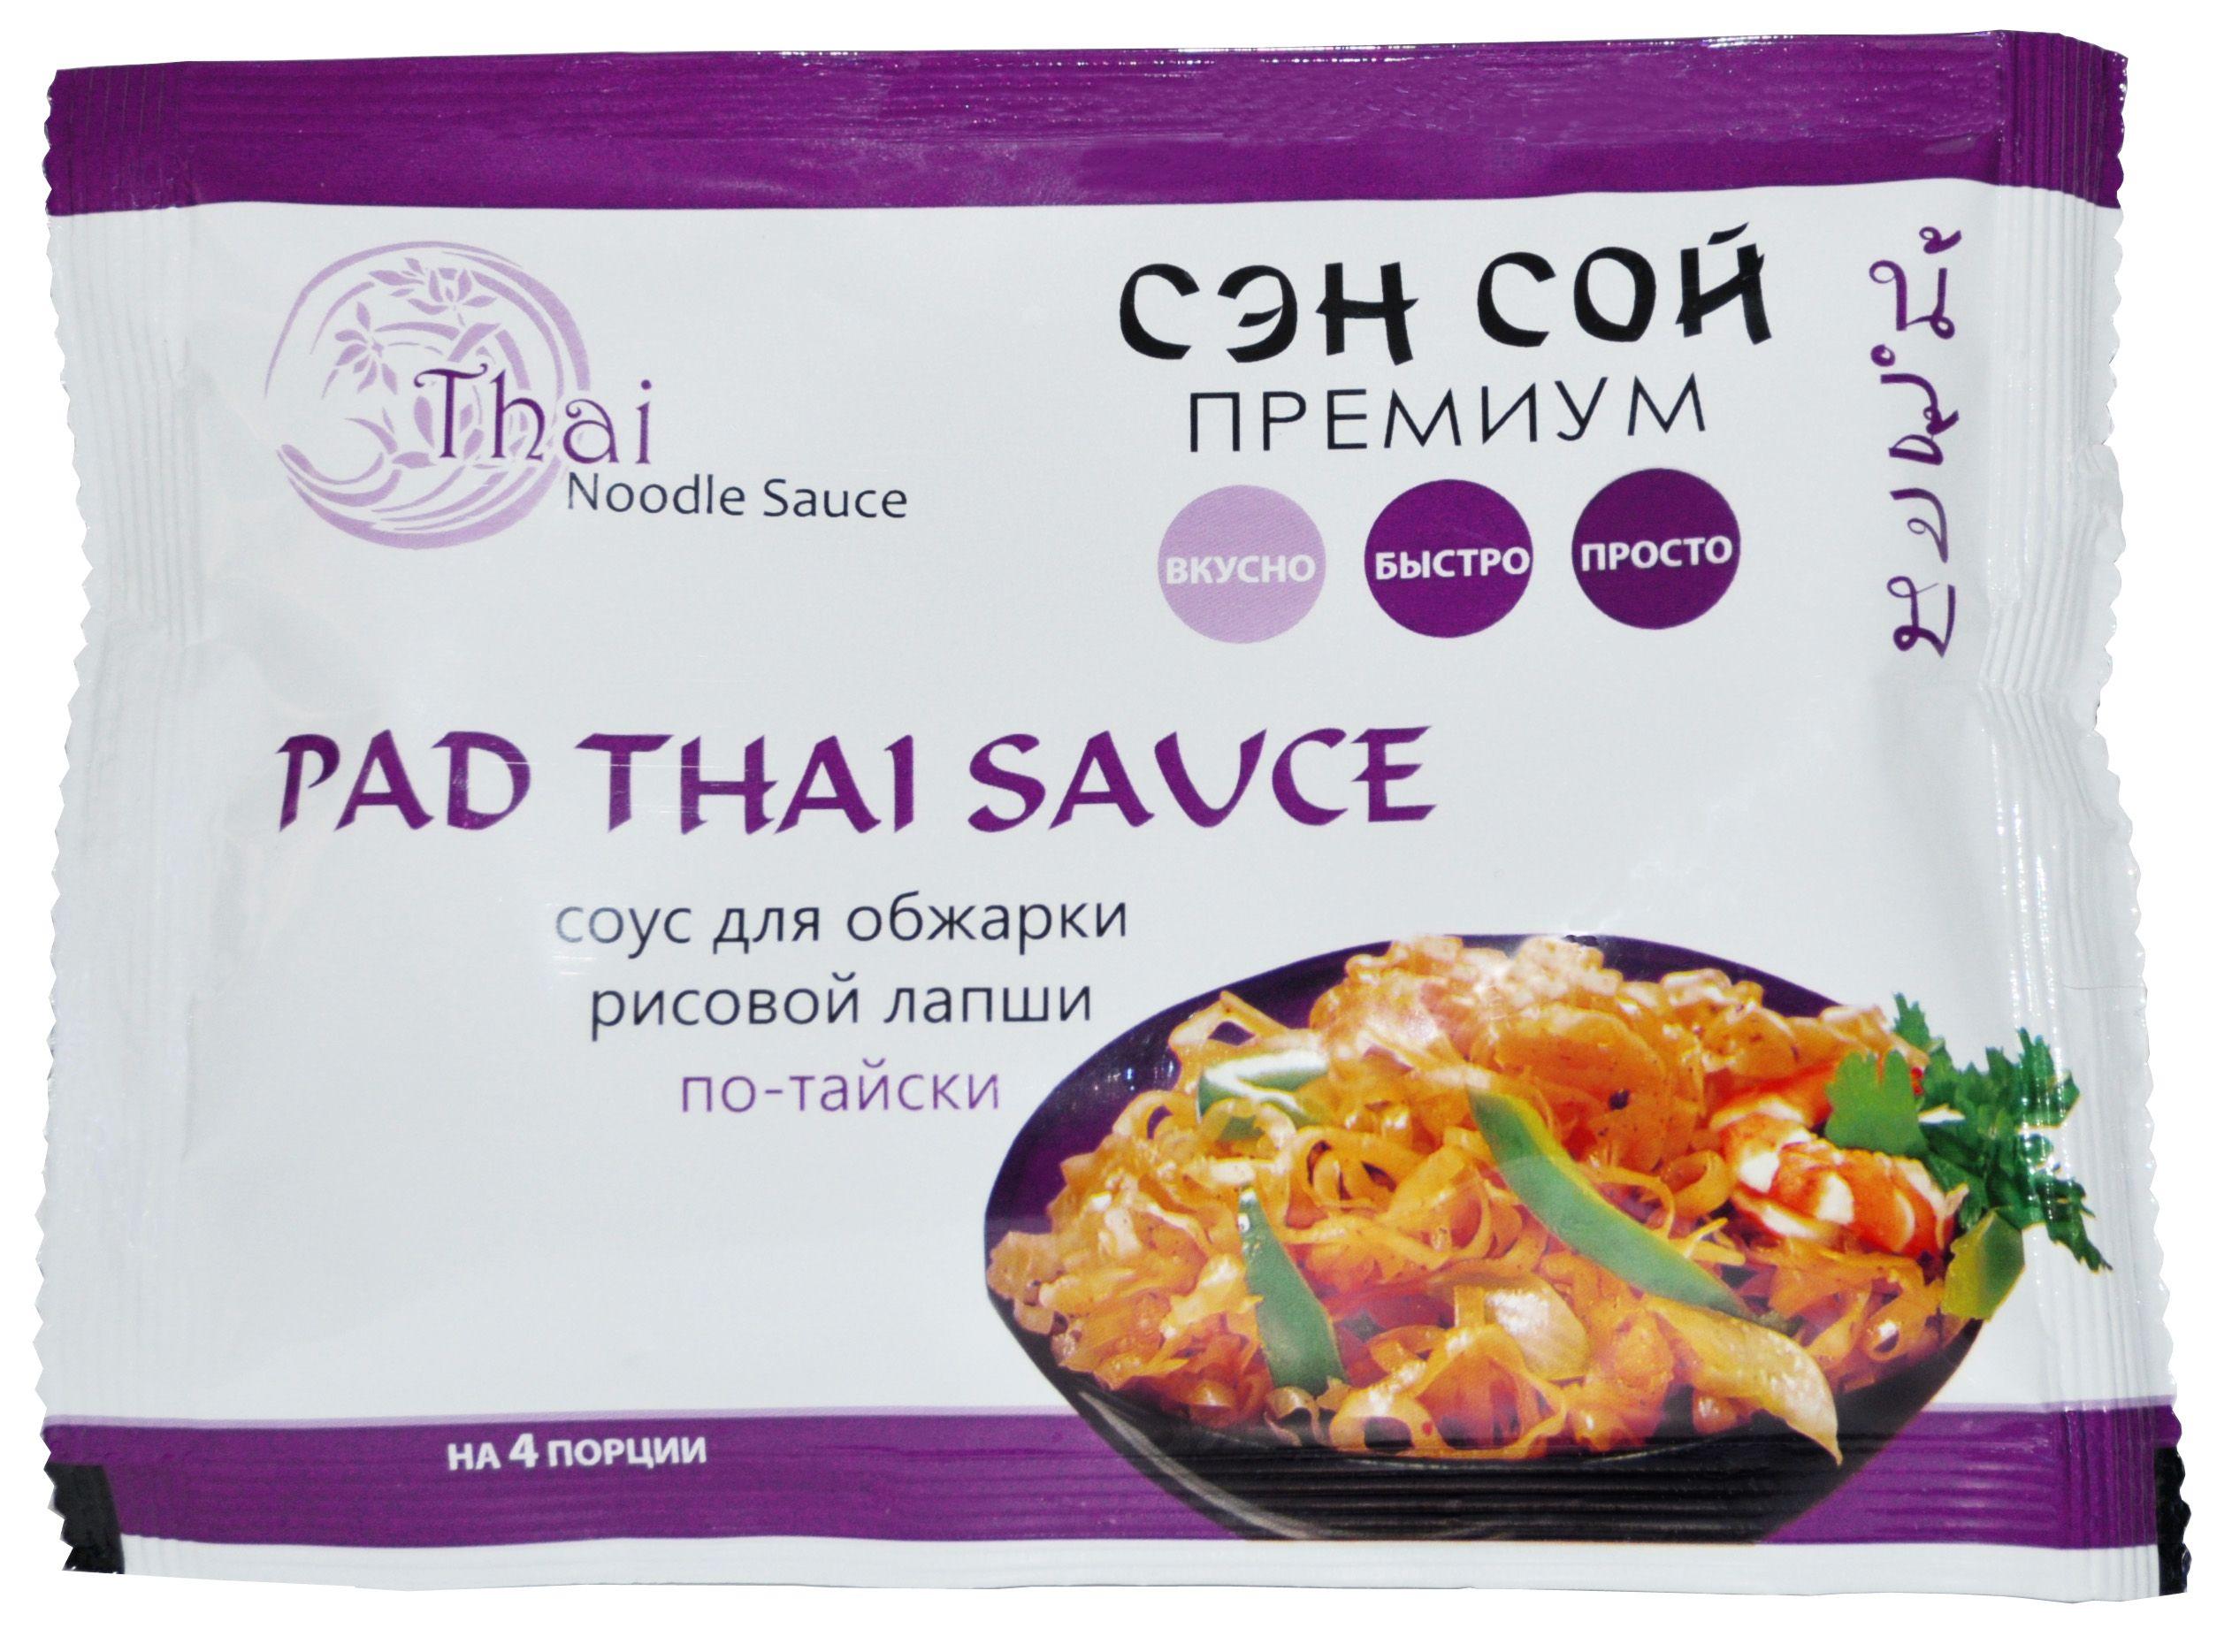 Соус для обжарки рисовой лапши 80г для рисовой лапши по-тайски, Сэн Сой Премиум